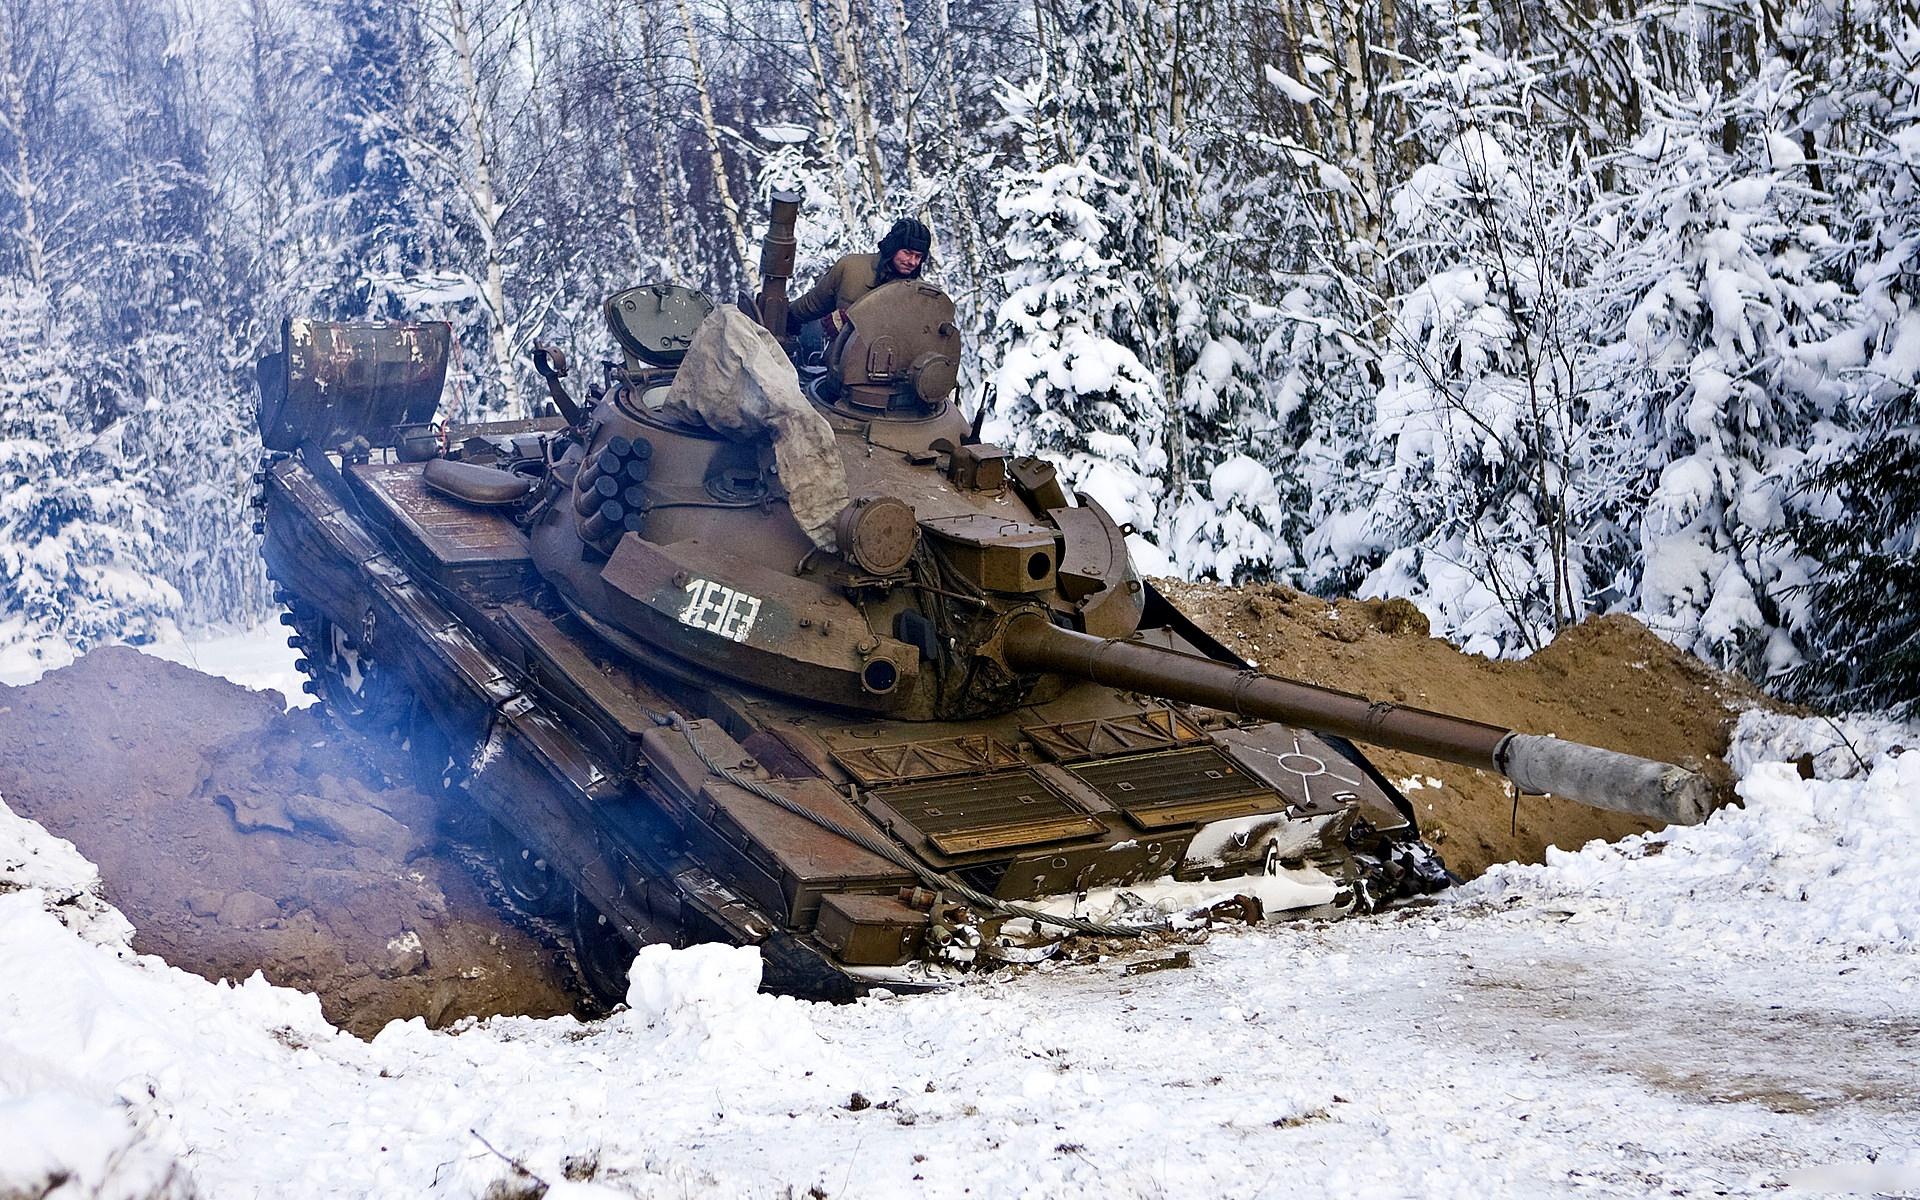 пояснил, что танки зимой картинки люстры космос низким